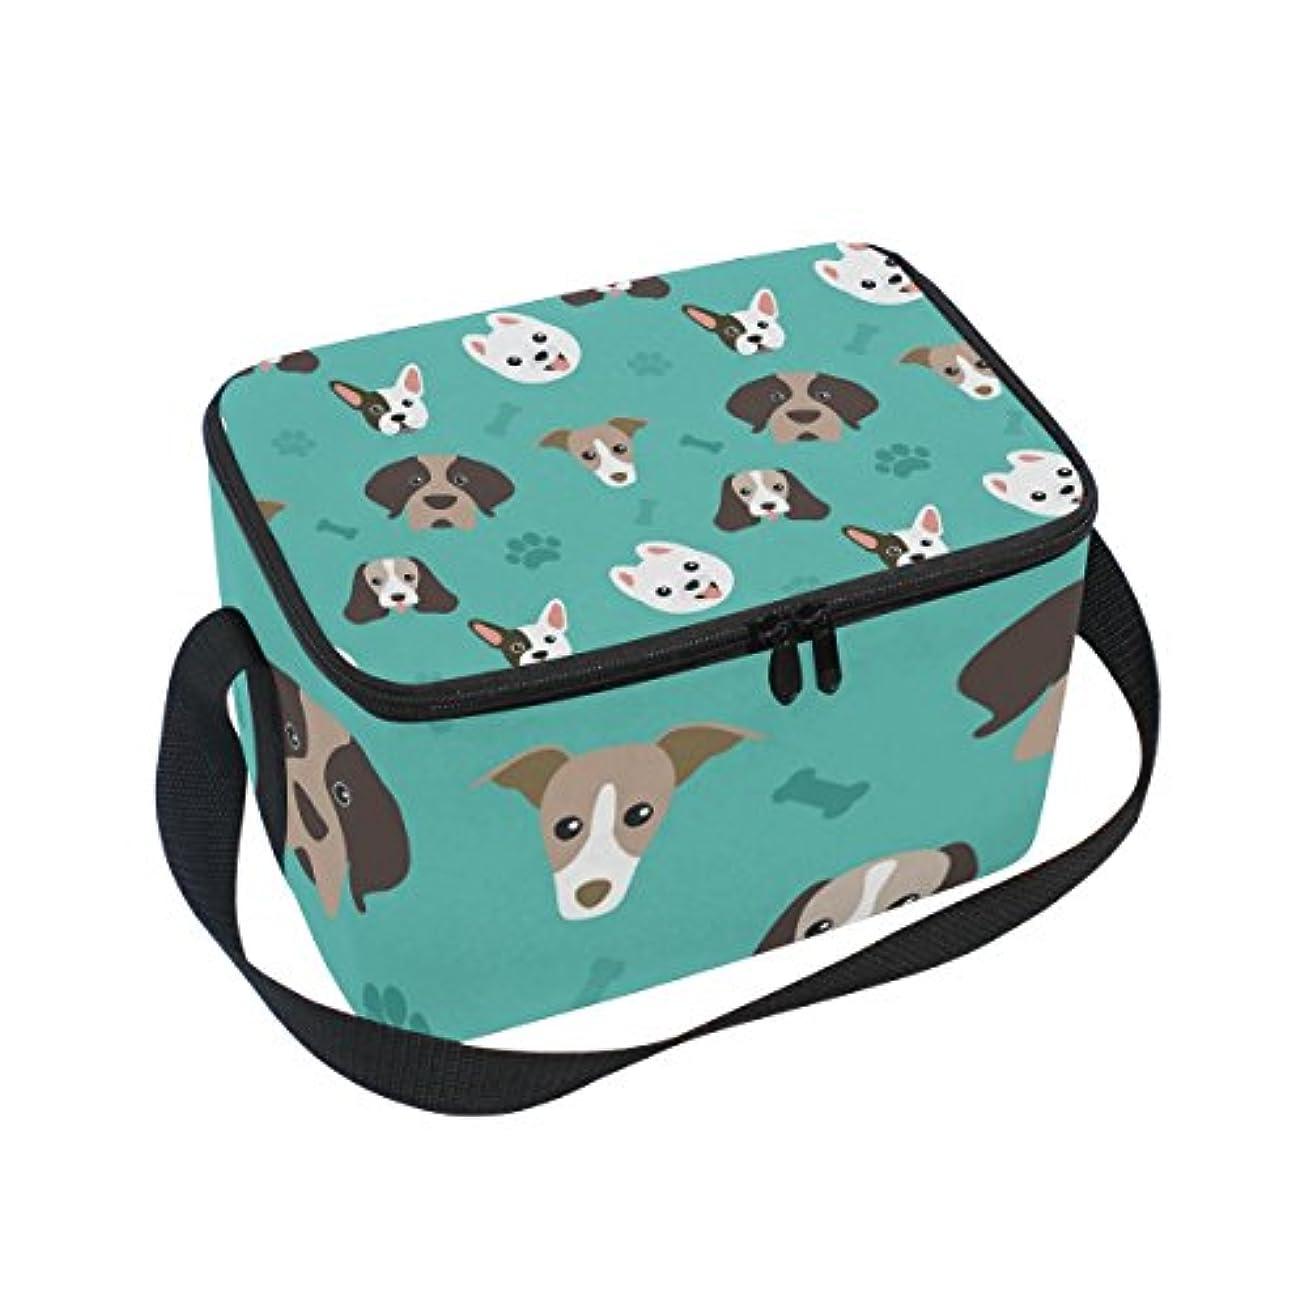 薬日土砂降りクーラーバッグ クーラーボックス ソフトクーラ 冷蔵ボックス キャンプ用品 犬柄 パタンー 保冷保温 大容量 肩掛け お花見 アウトドア